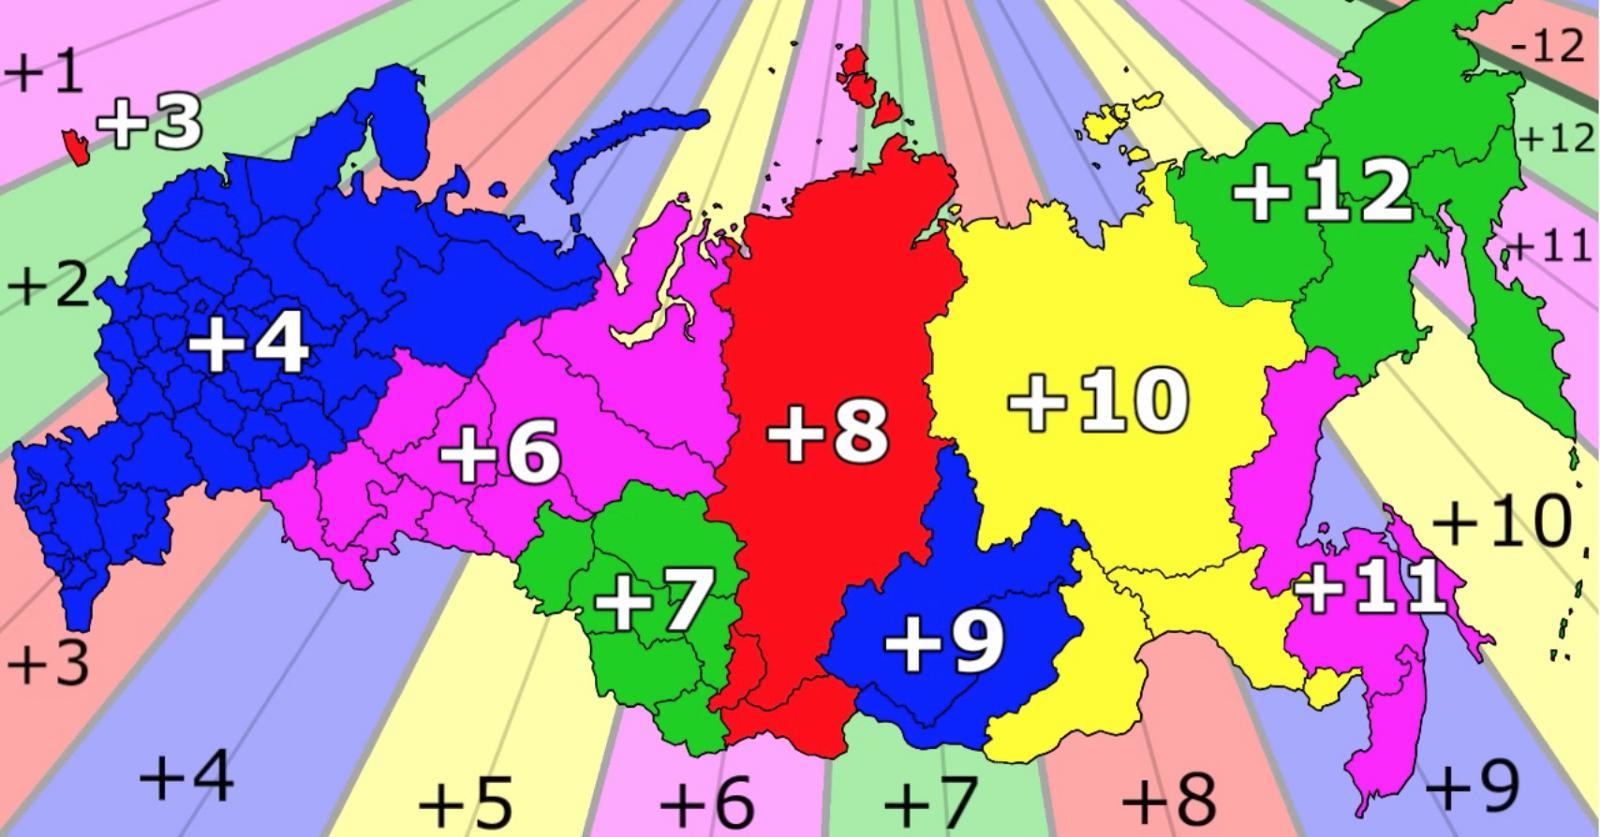 kort over tidszoner